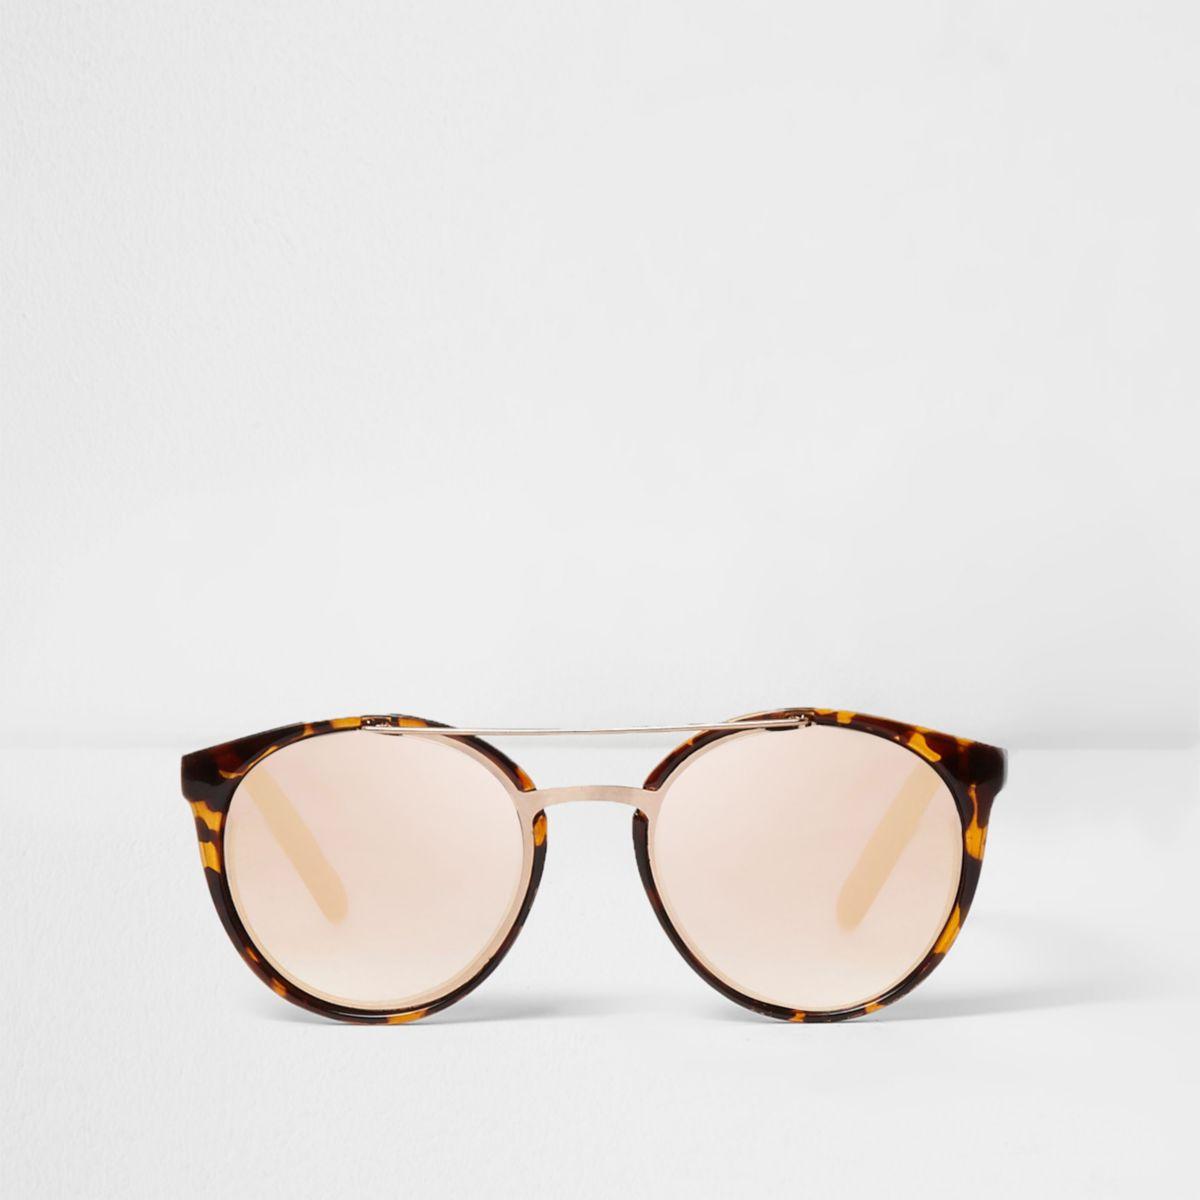 Bruine ronde tortoise zonnebril